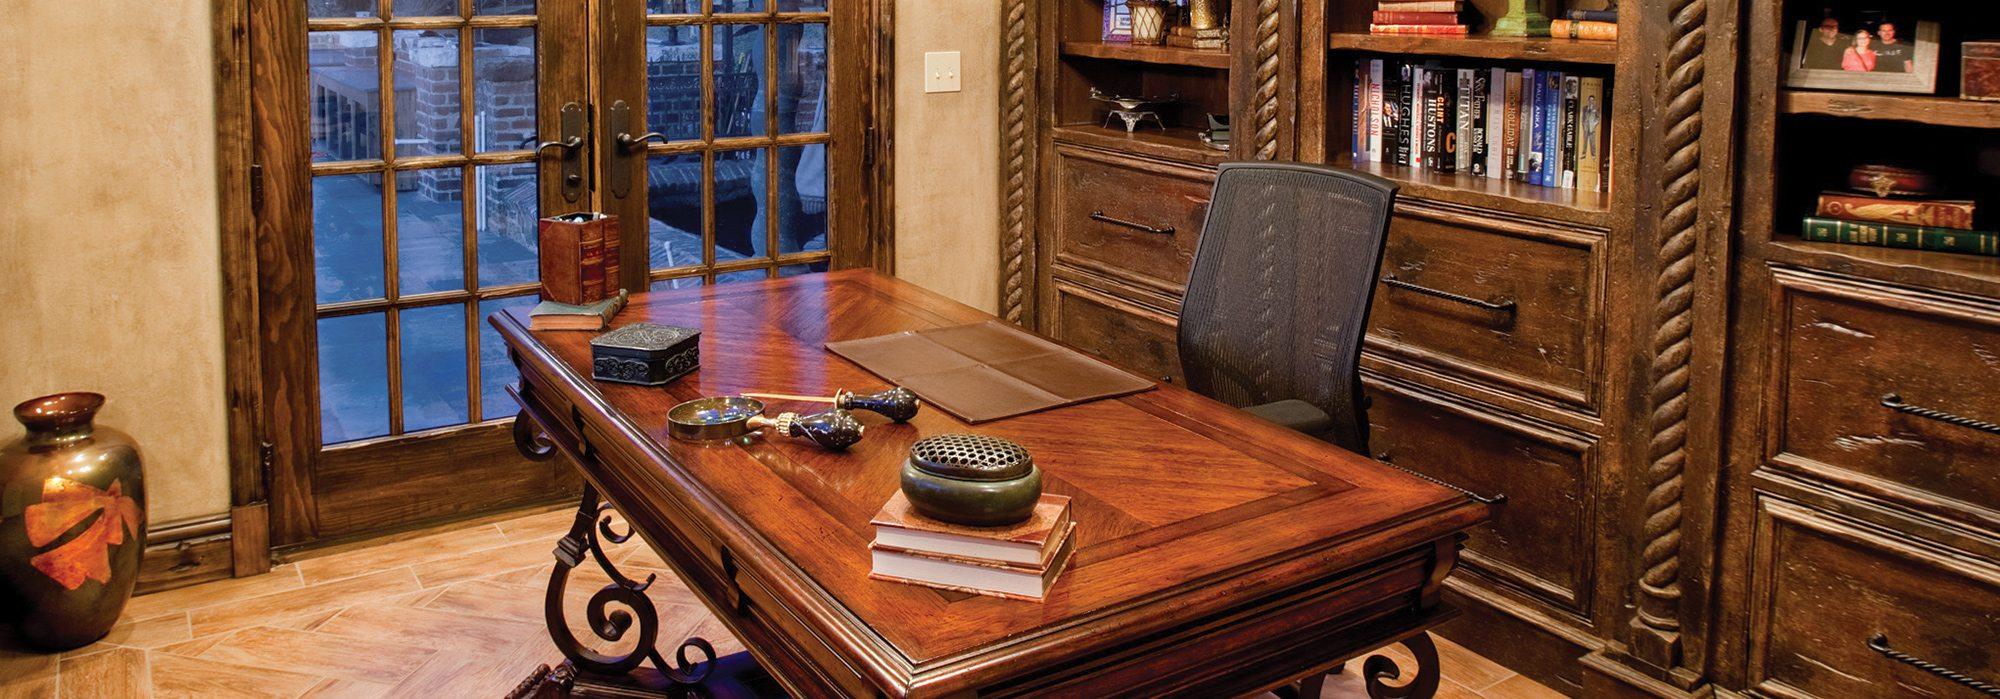 417 Home Design Awards 2015 - Home Office Winner